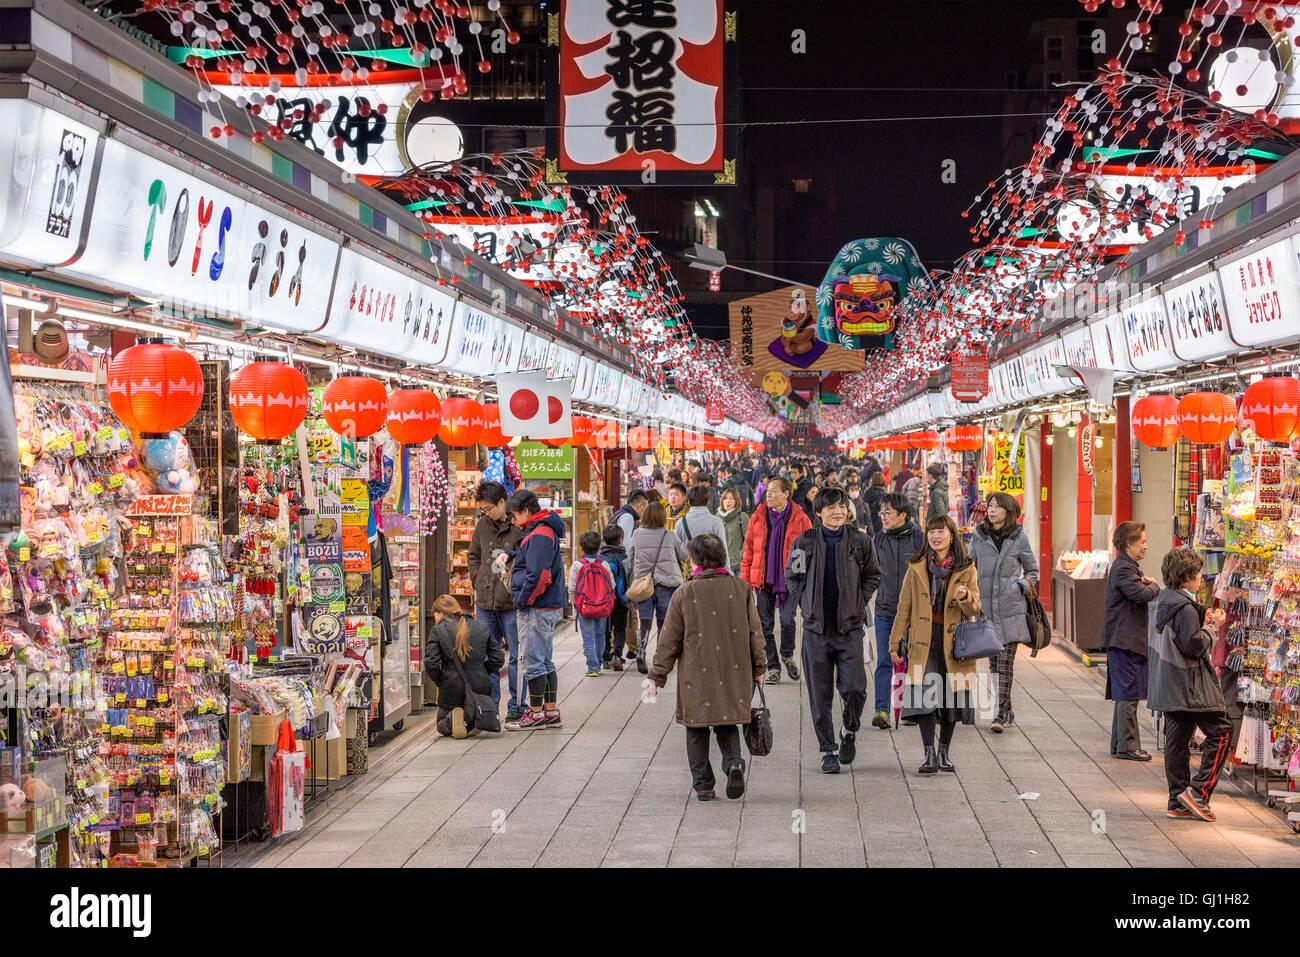 Shopping Arcade presso il tempio Sensoji di Asakusa, Tokyo, Giappone. Immagini Stock